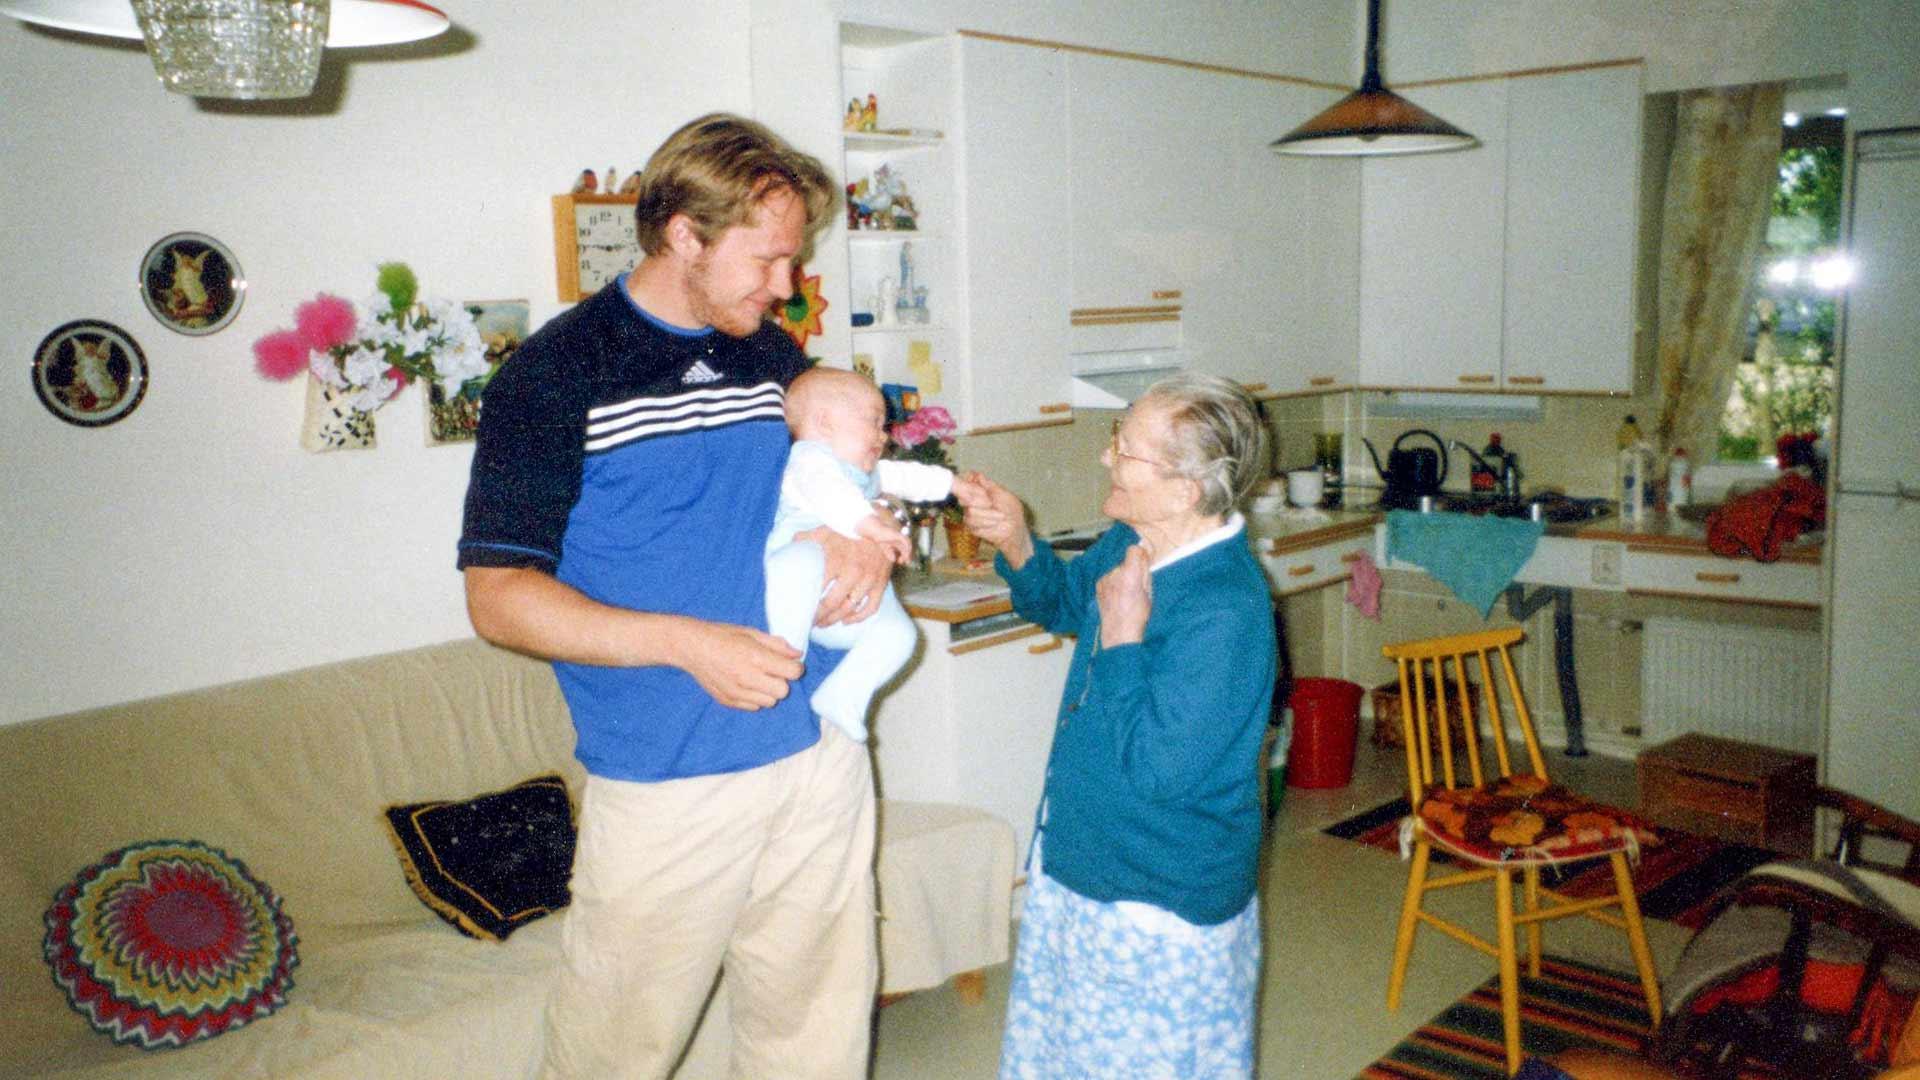 Hannes esittelee esikoistytärtään isänäidilleen Jenni Hyvöselle vuonna 1999. Hannes oli 23-vuotias tullessaan ensi kertaa isäksi.